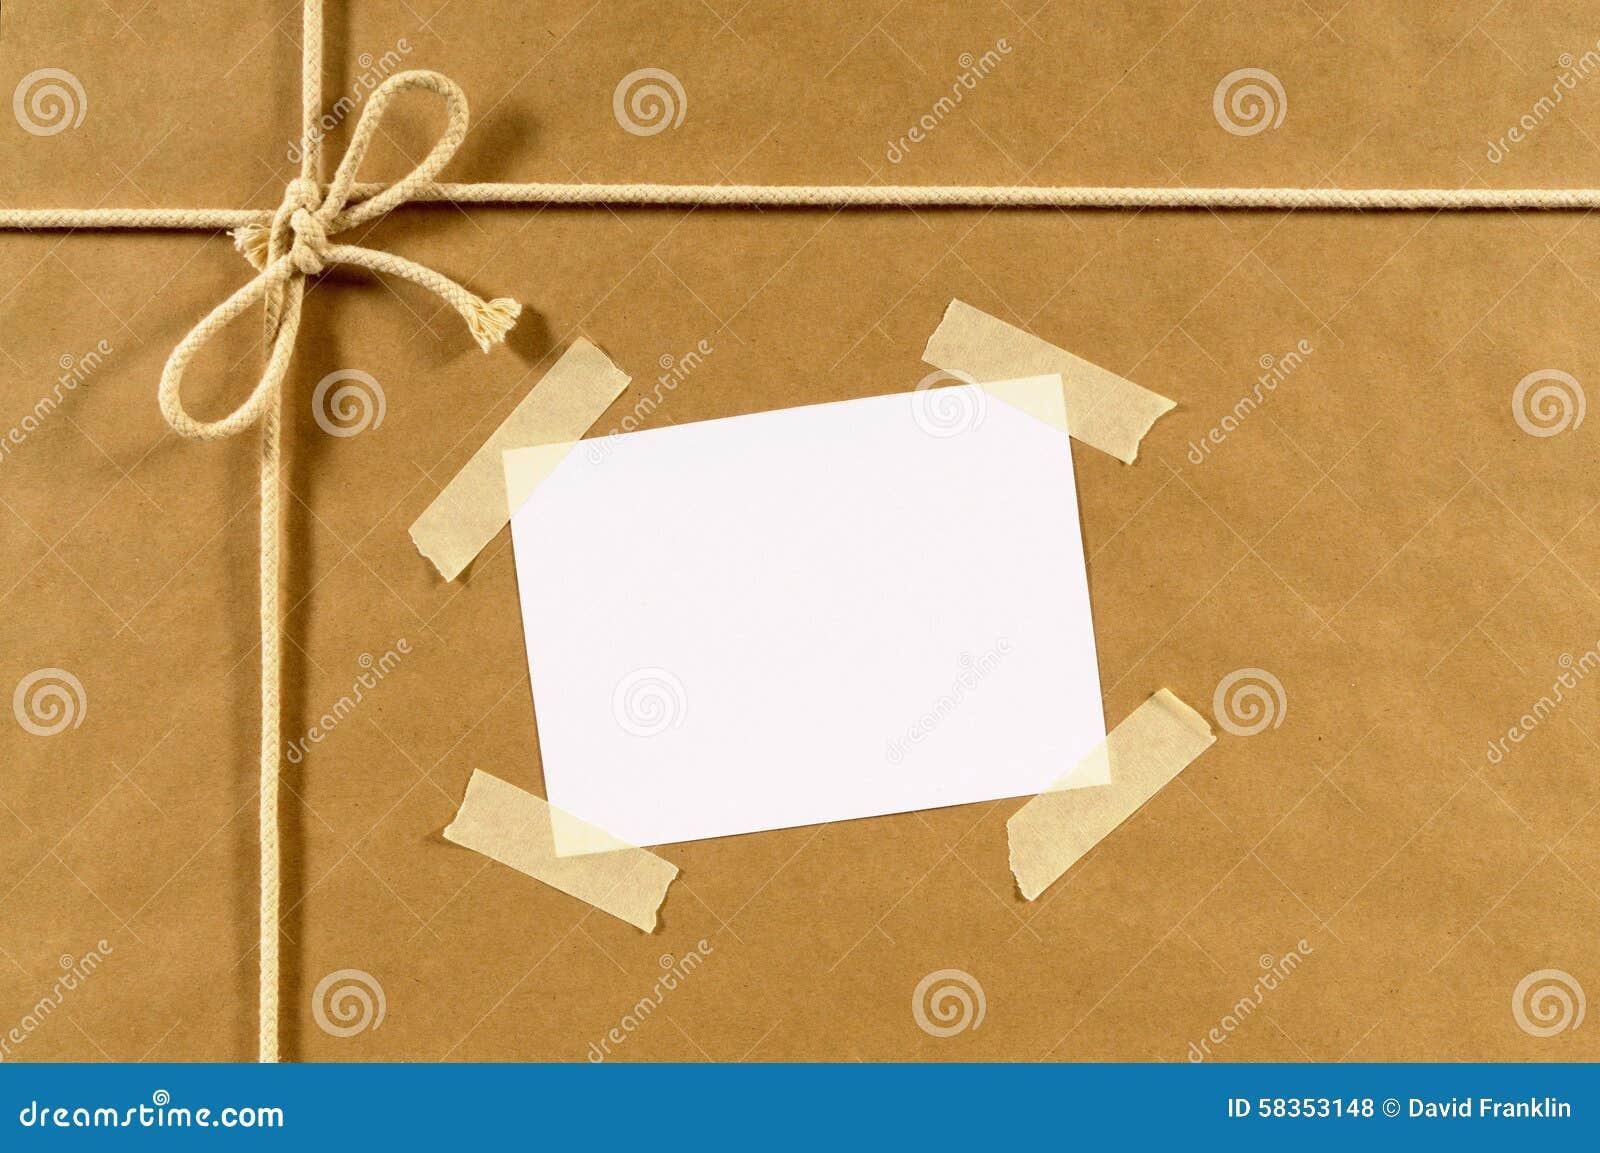 包装纸包裹背景,地址标码,稠粘的磁带